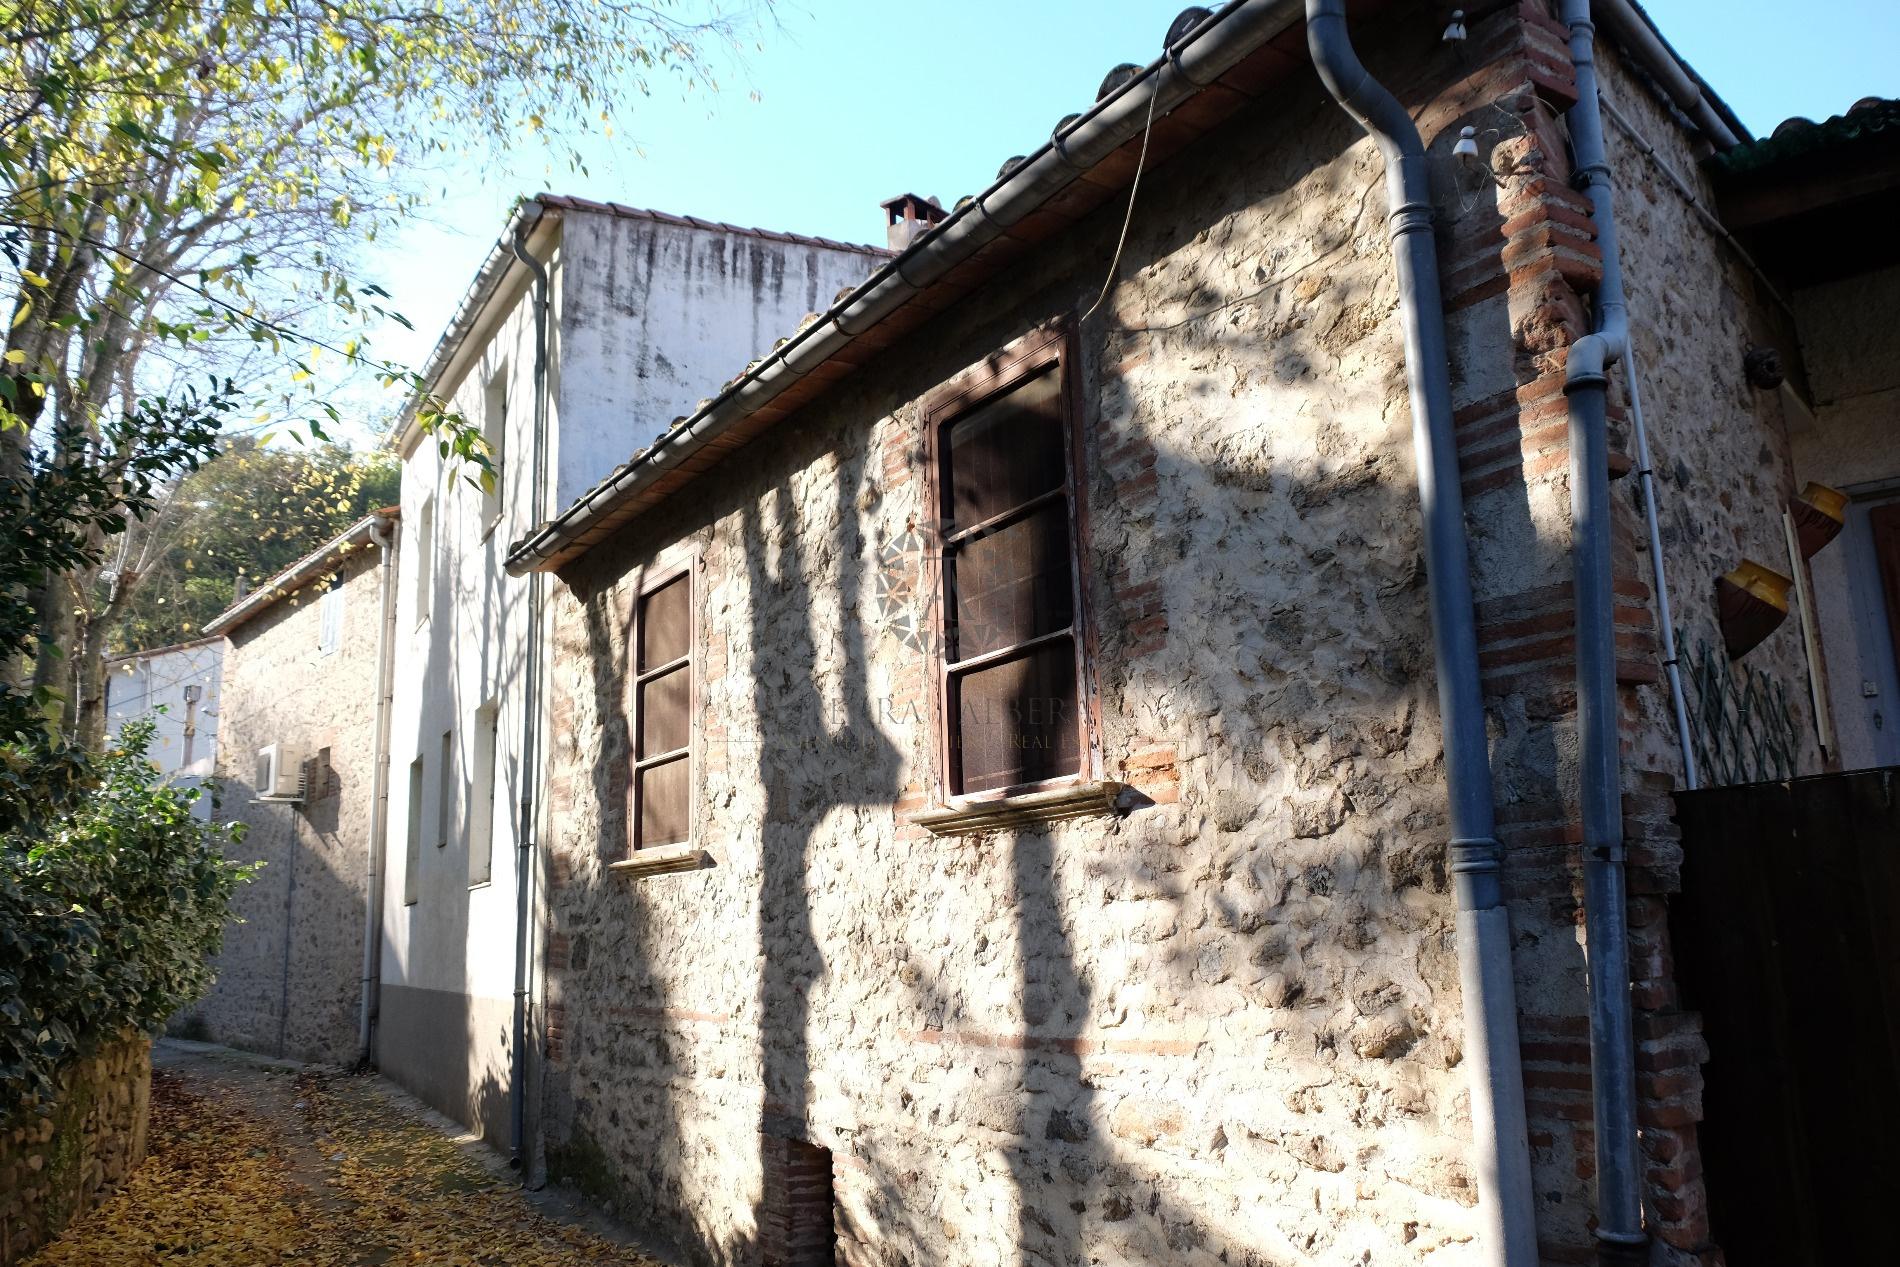 Vente maison de village laroque des alberes avec terra albera for Acheter une maison de village